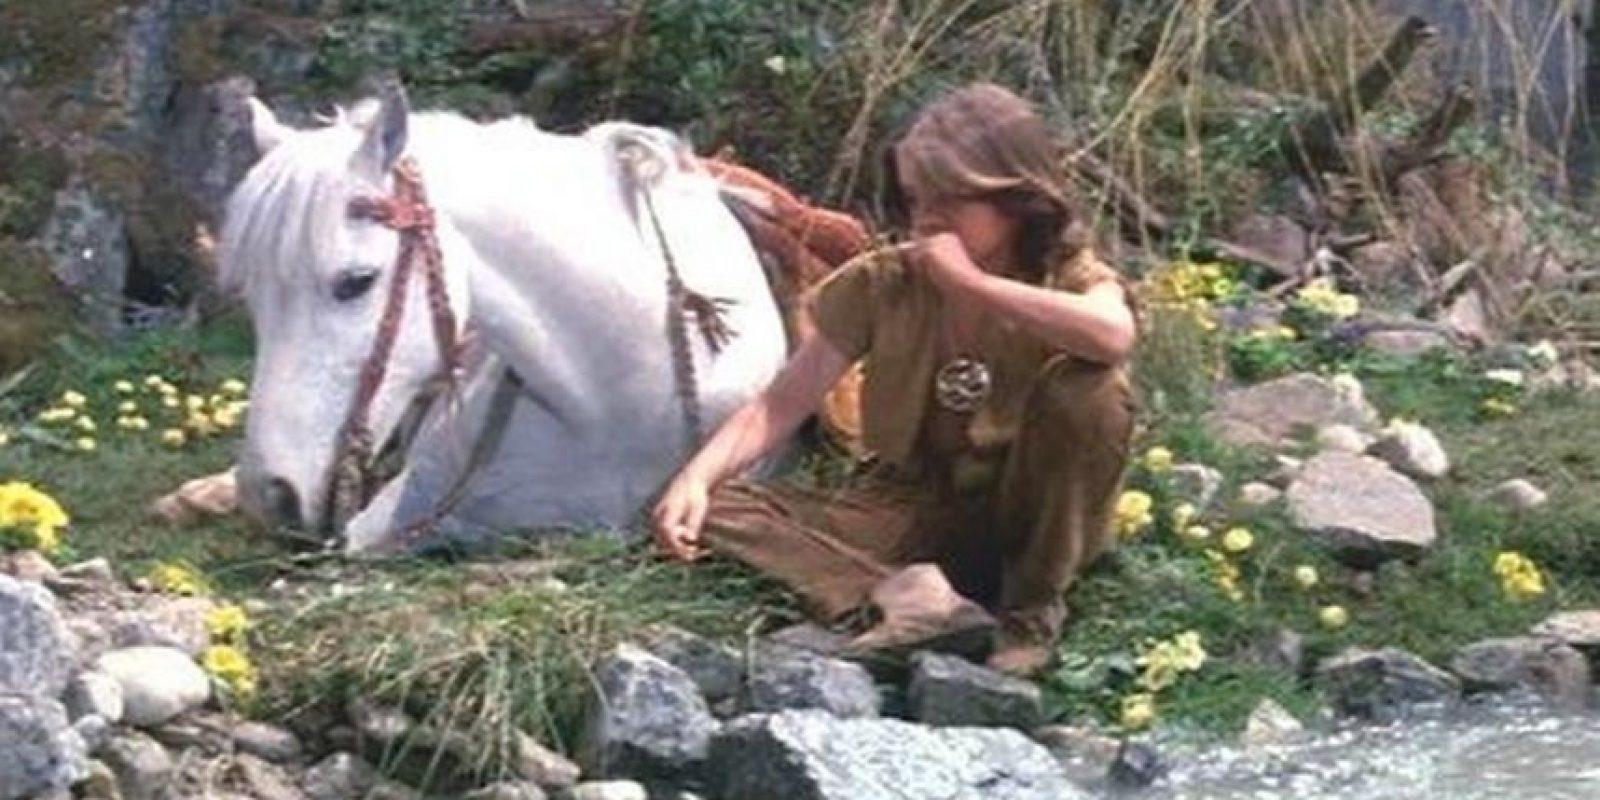 La plataforma hidráulíca que estaba bajo el barro y que sostenía al caballo se rompió. El pobre animal murió ahogado, durante la escena que representaba su propia muerte Foto:Warner